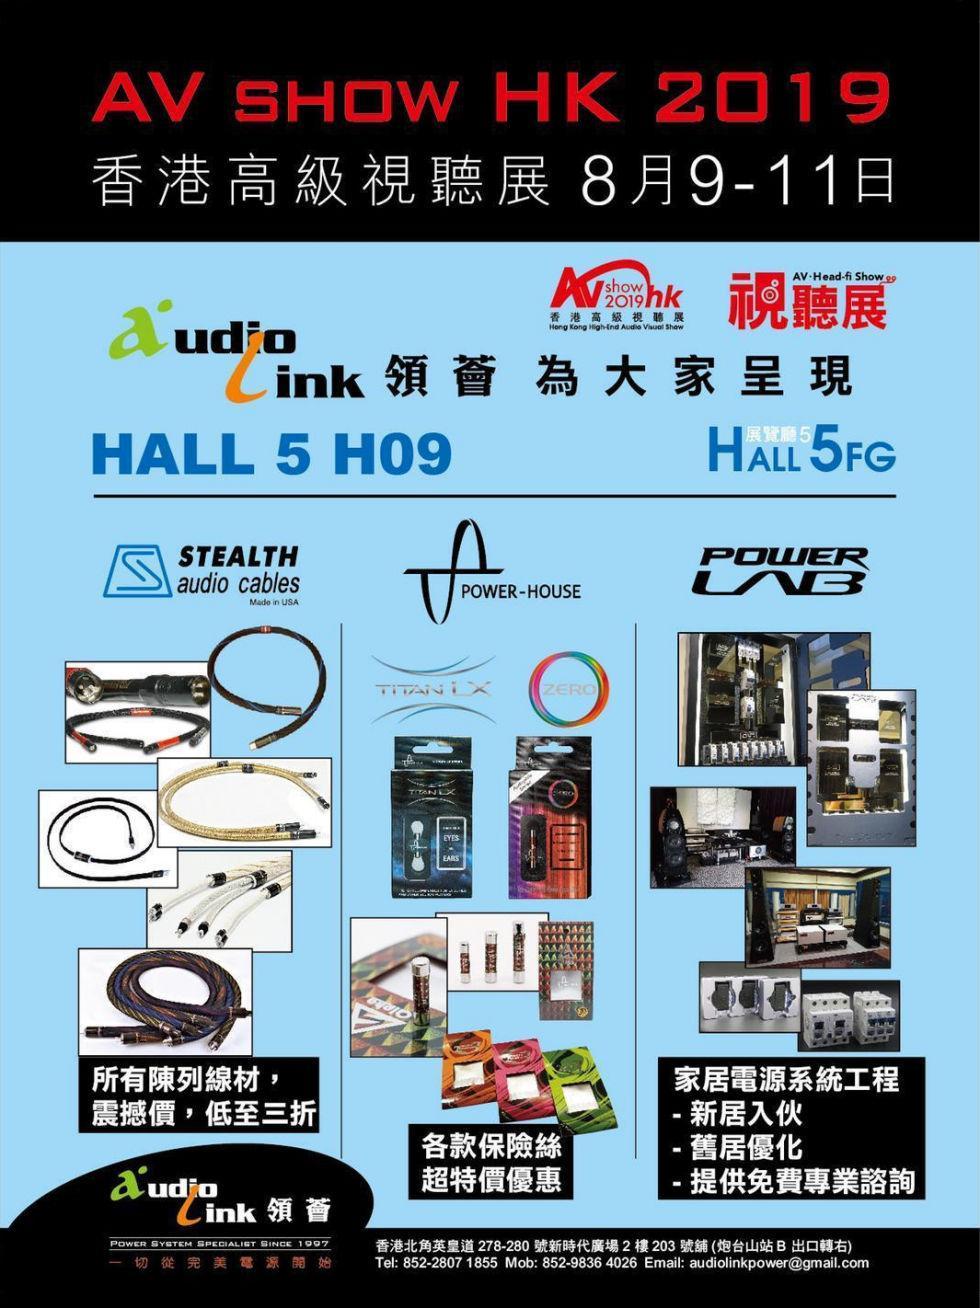 2019 香港高级視聽展 - Audio Link 領薈